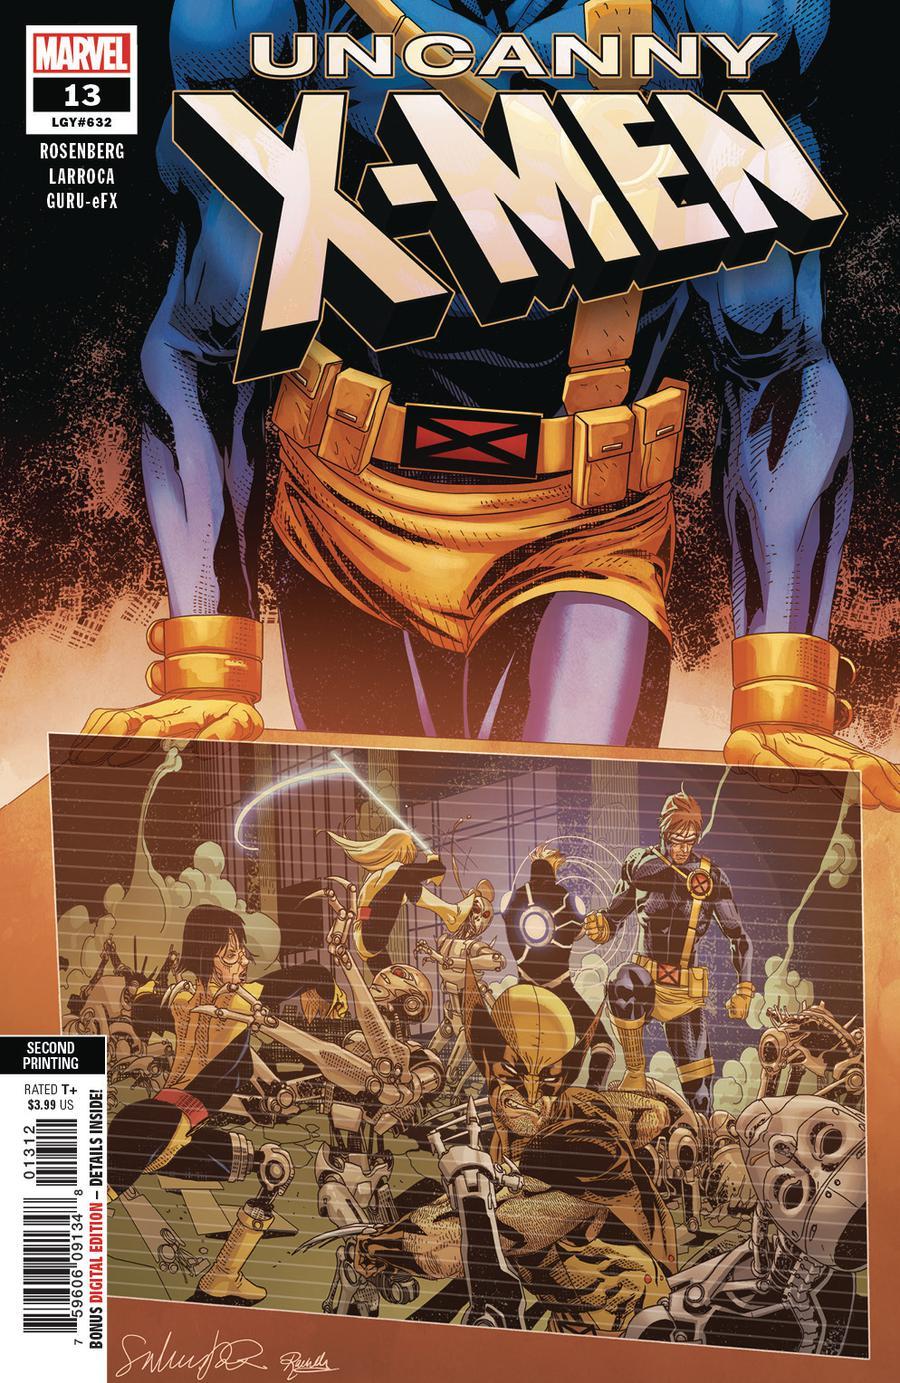 Uncanny X-Men Vol 5 #13 Cover E 2nd Ptg Variant Salvador Larroca Cover